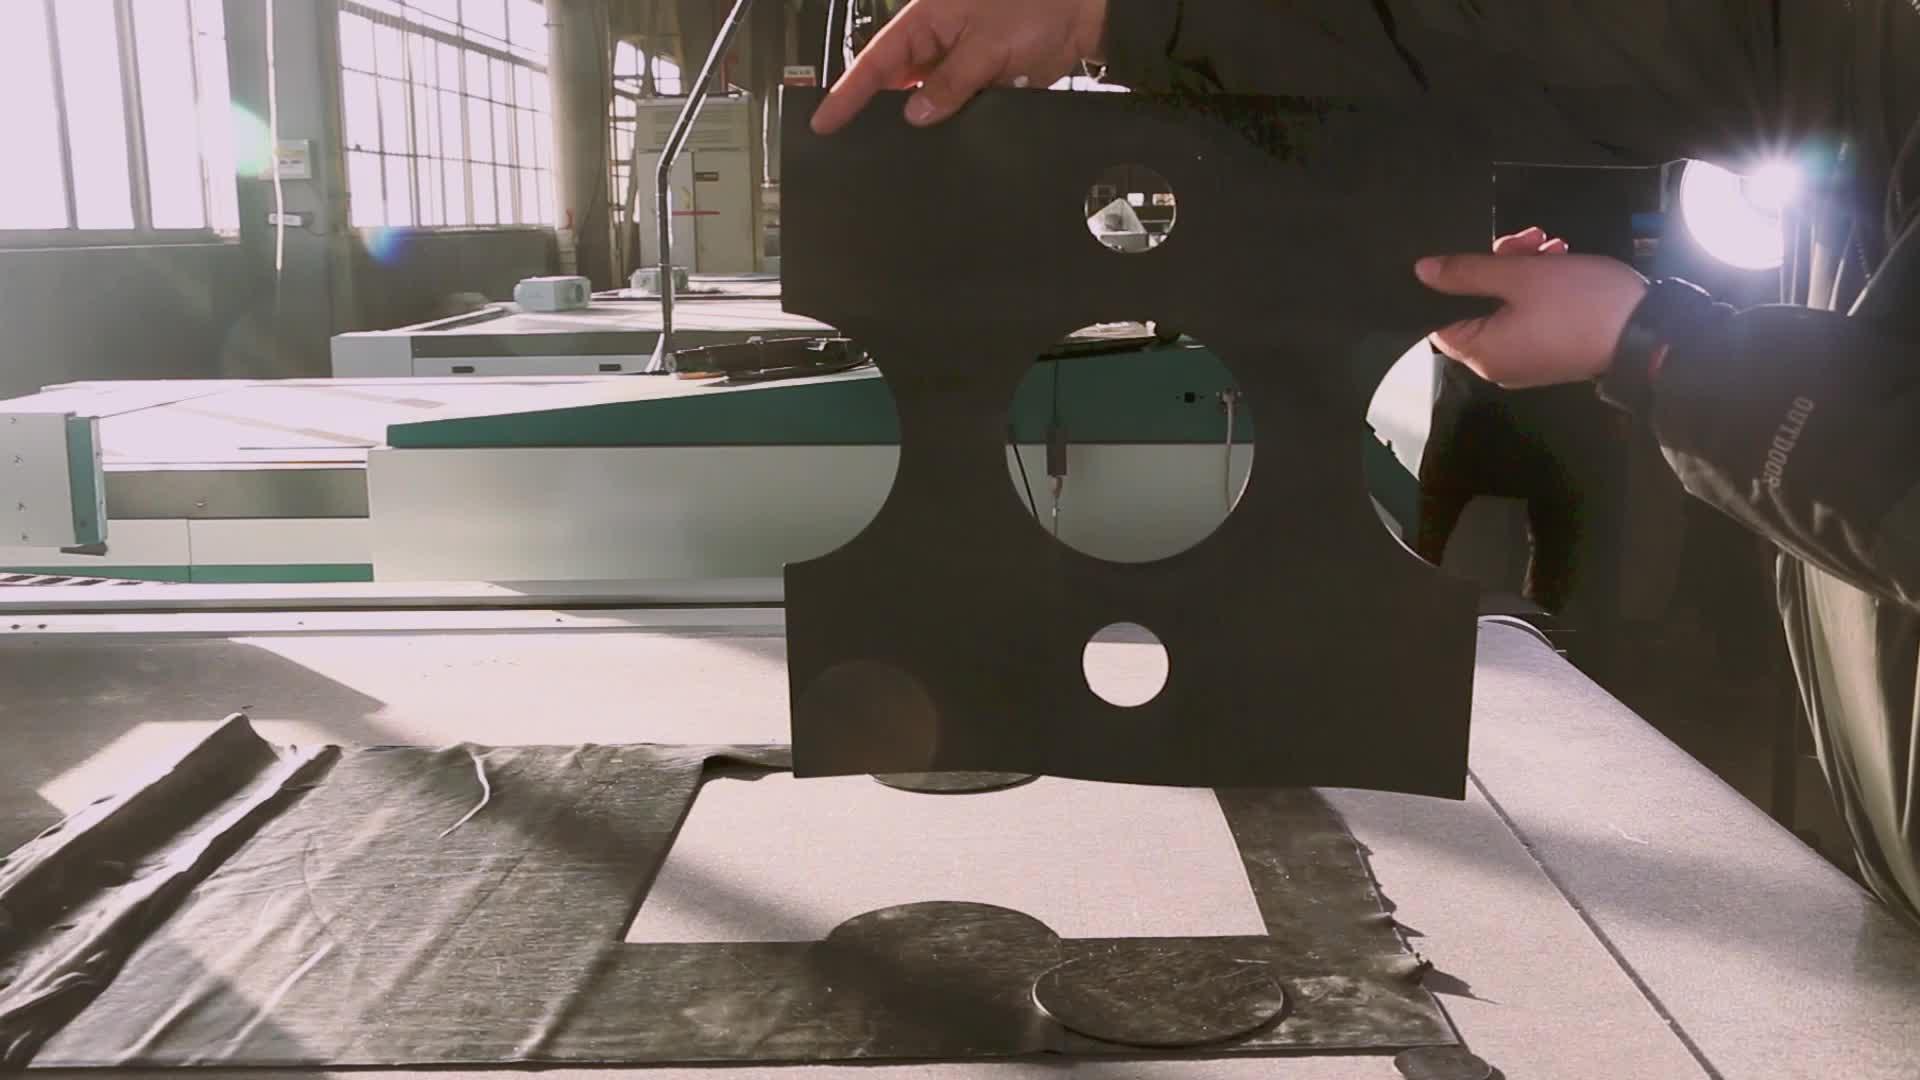 Keramische isolatie materiaal Fiber isolatie katoen Gewone pp niet-geweven medische beschermende kleding snijden tafel